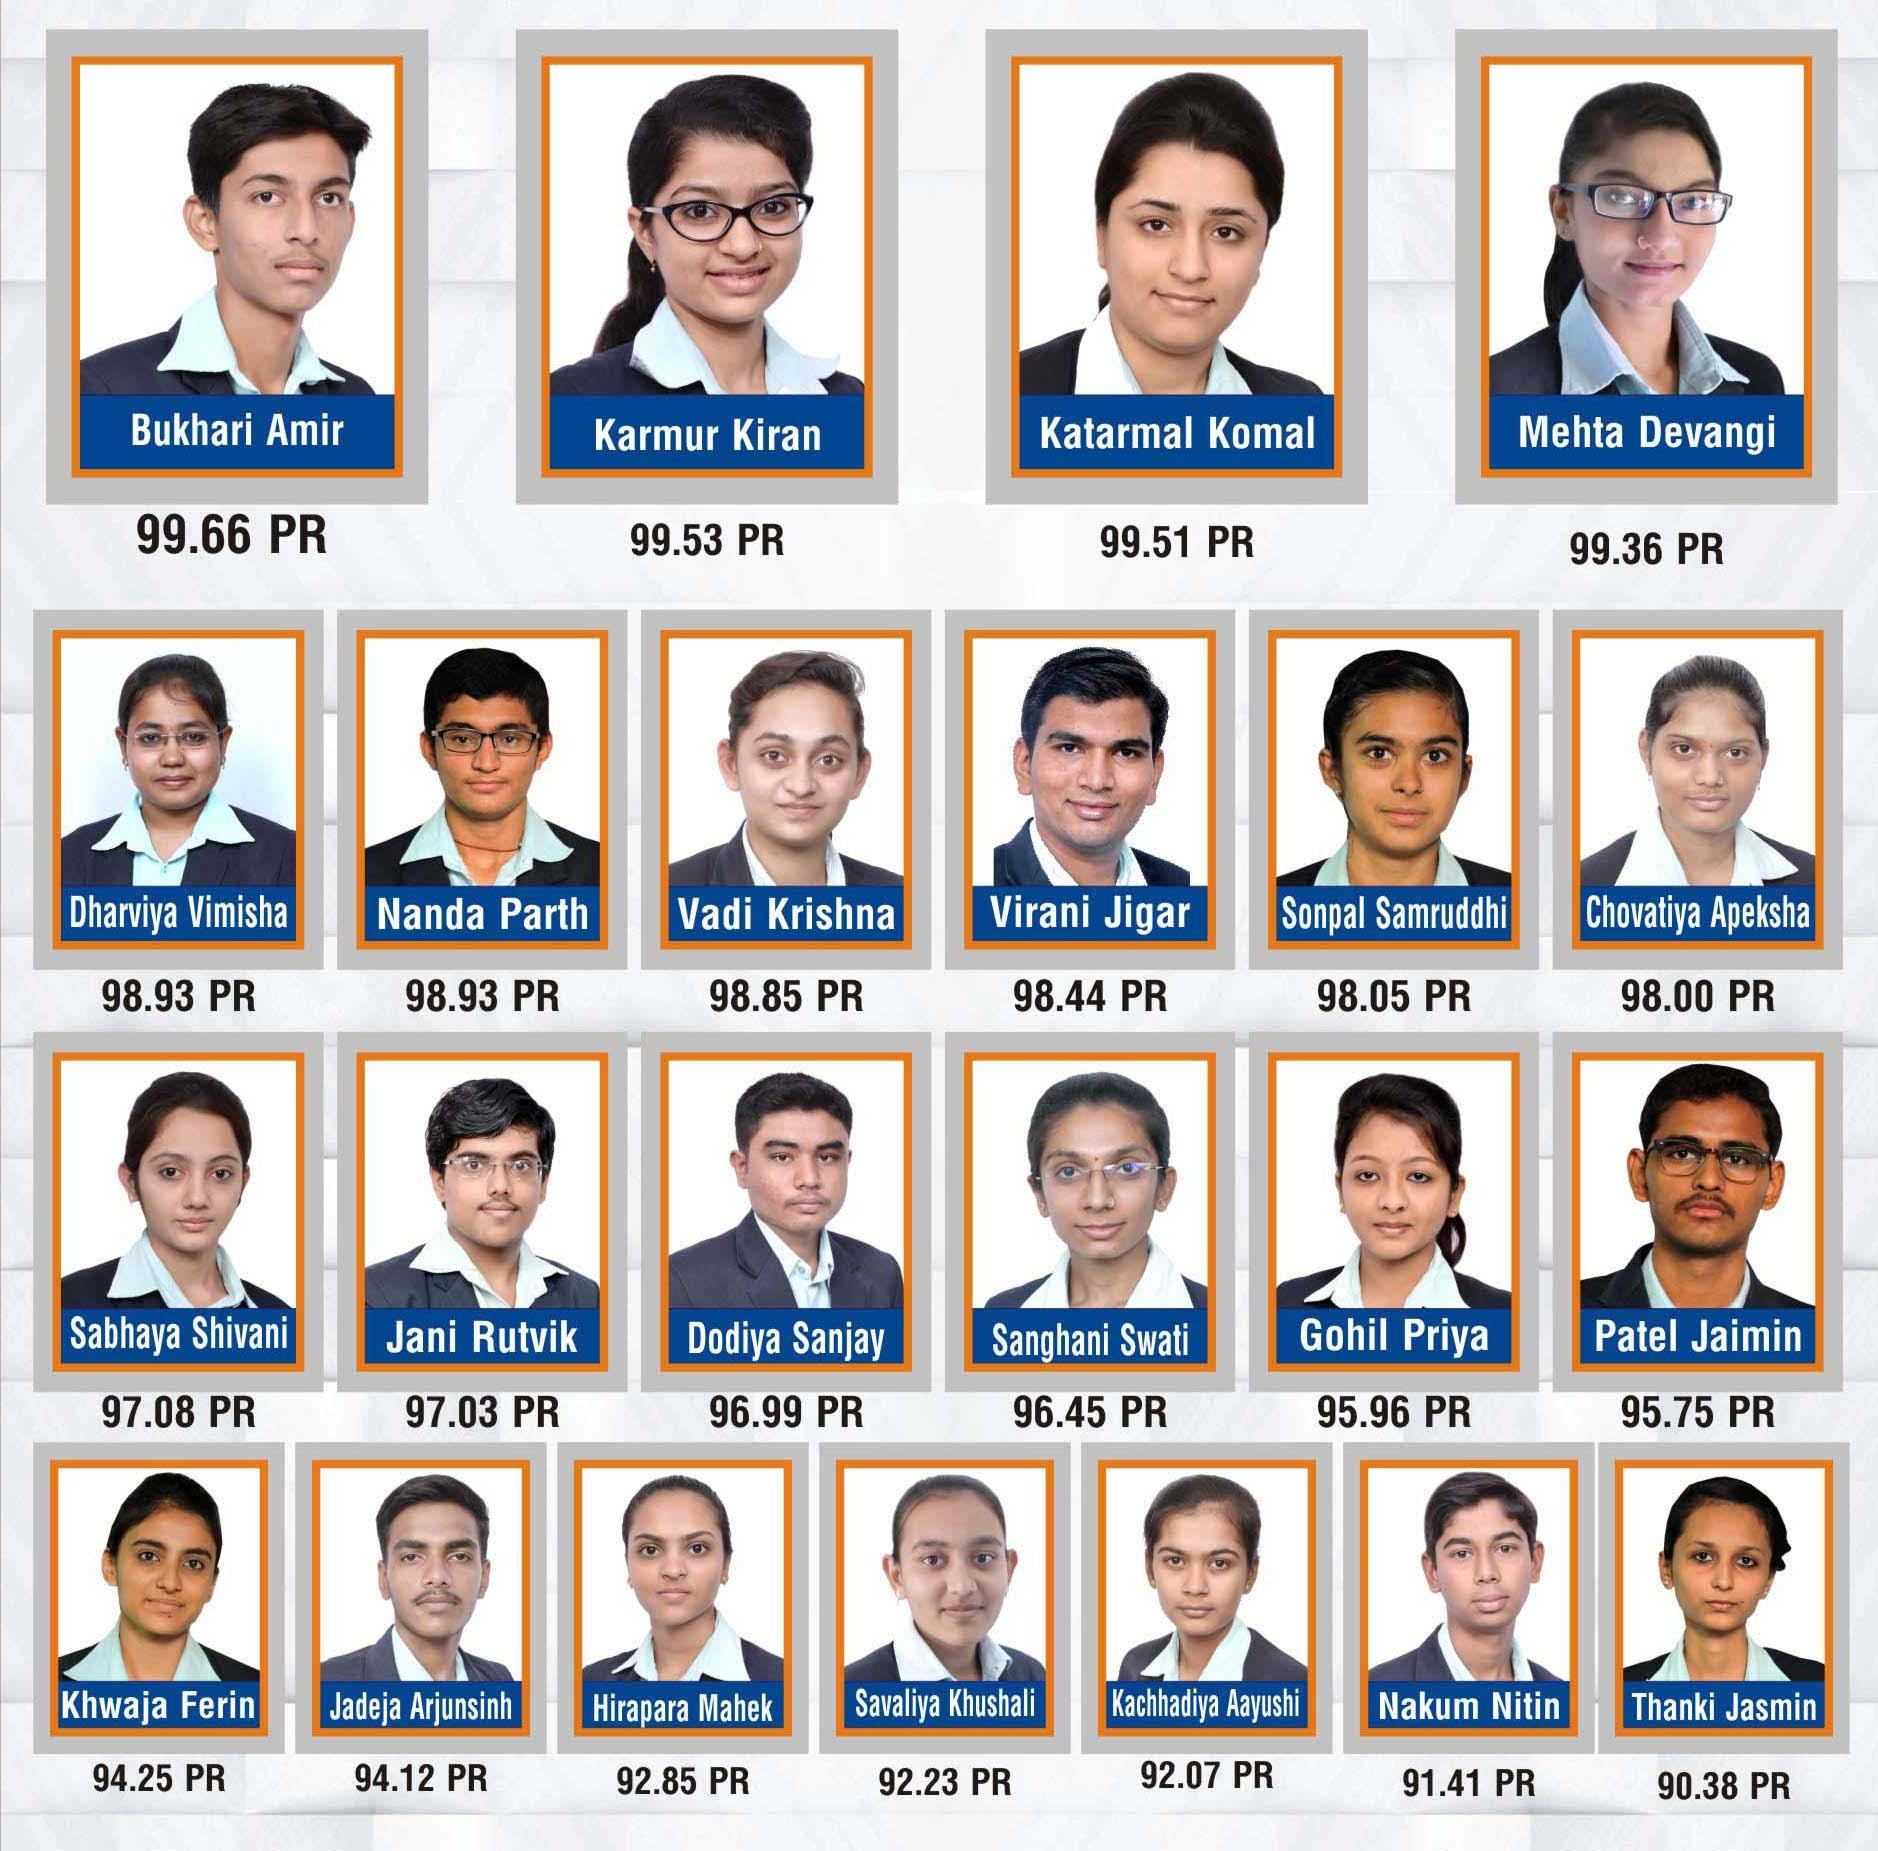 krishna schools Commerce Result of 2017